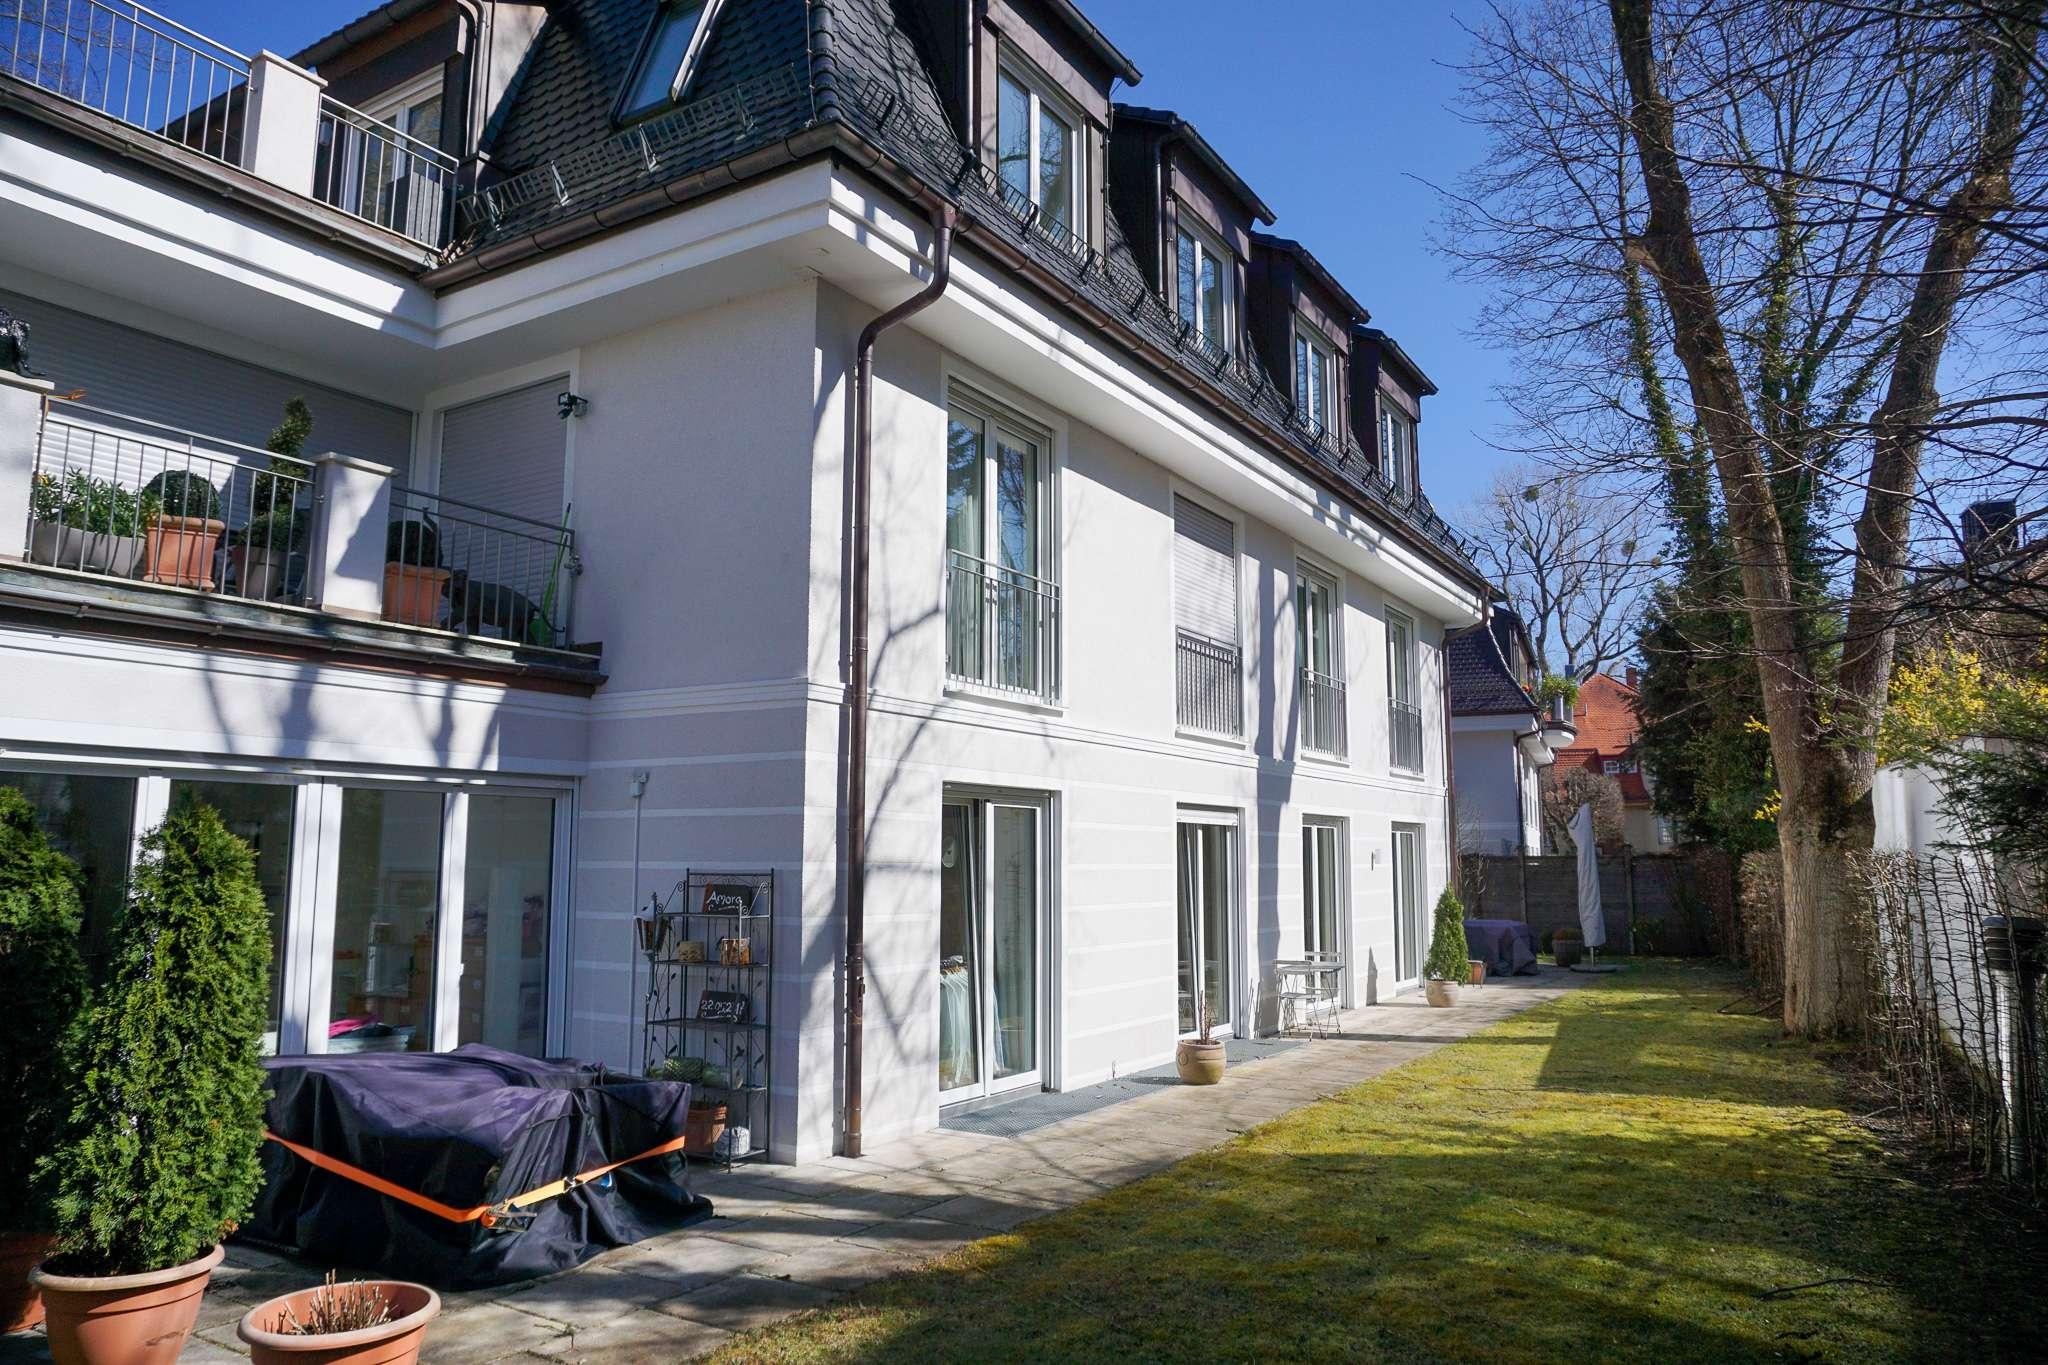 Bestes Harlaching, über der Isar- luxuriöse Gartenwohnung mit großem Gartenanteil- 208 qm- ruhig in